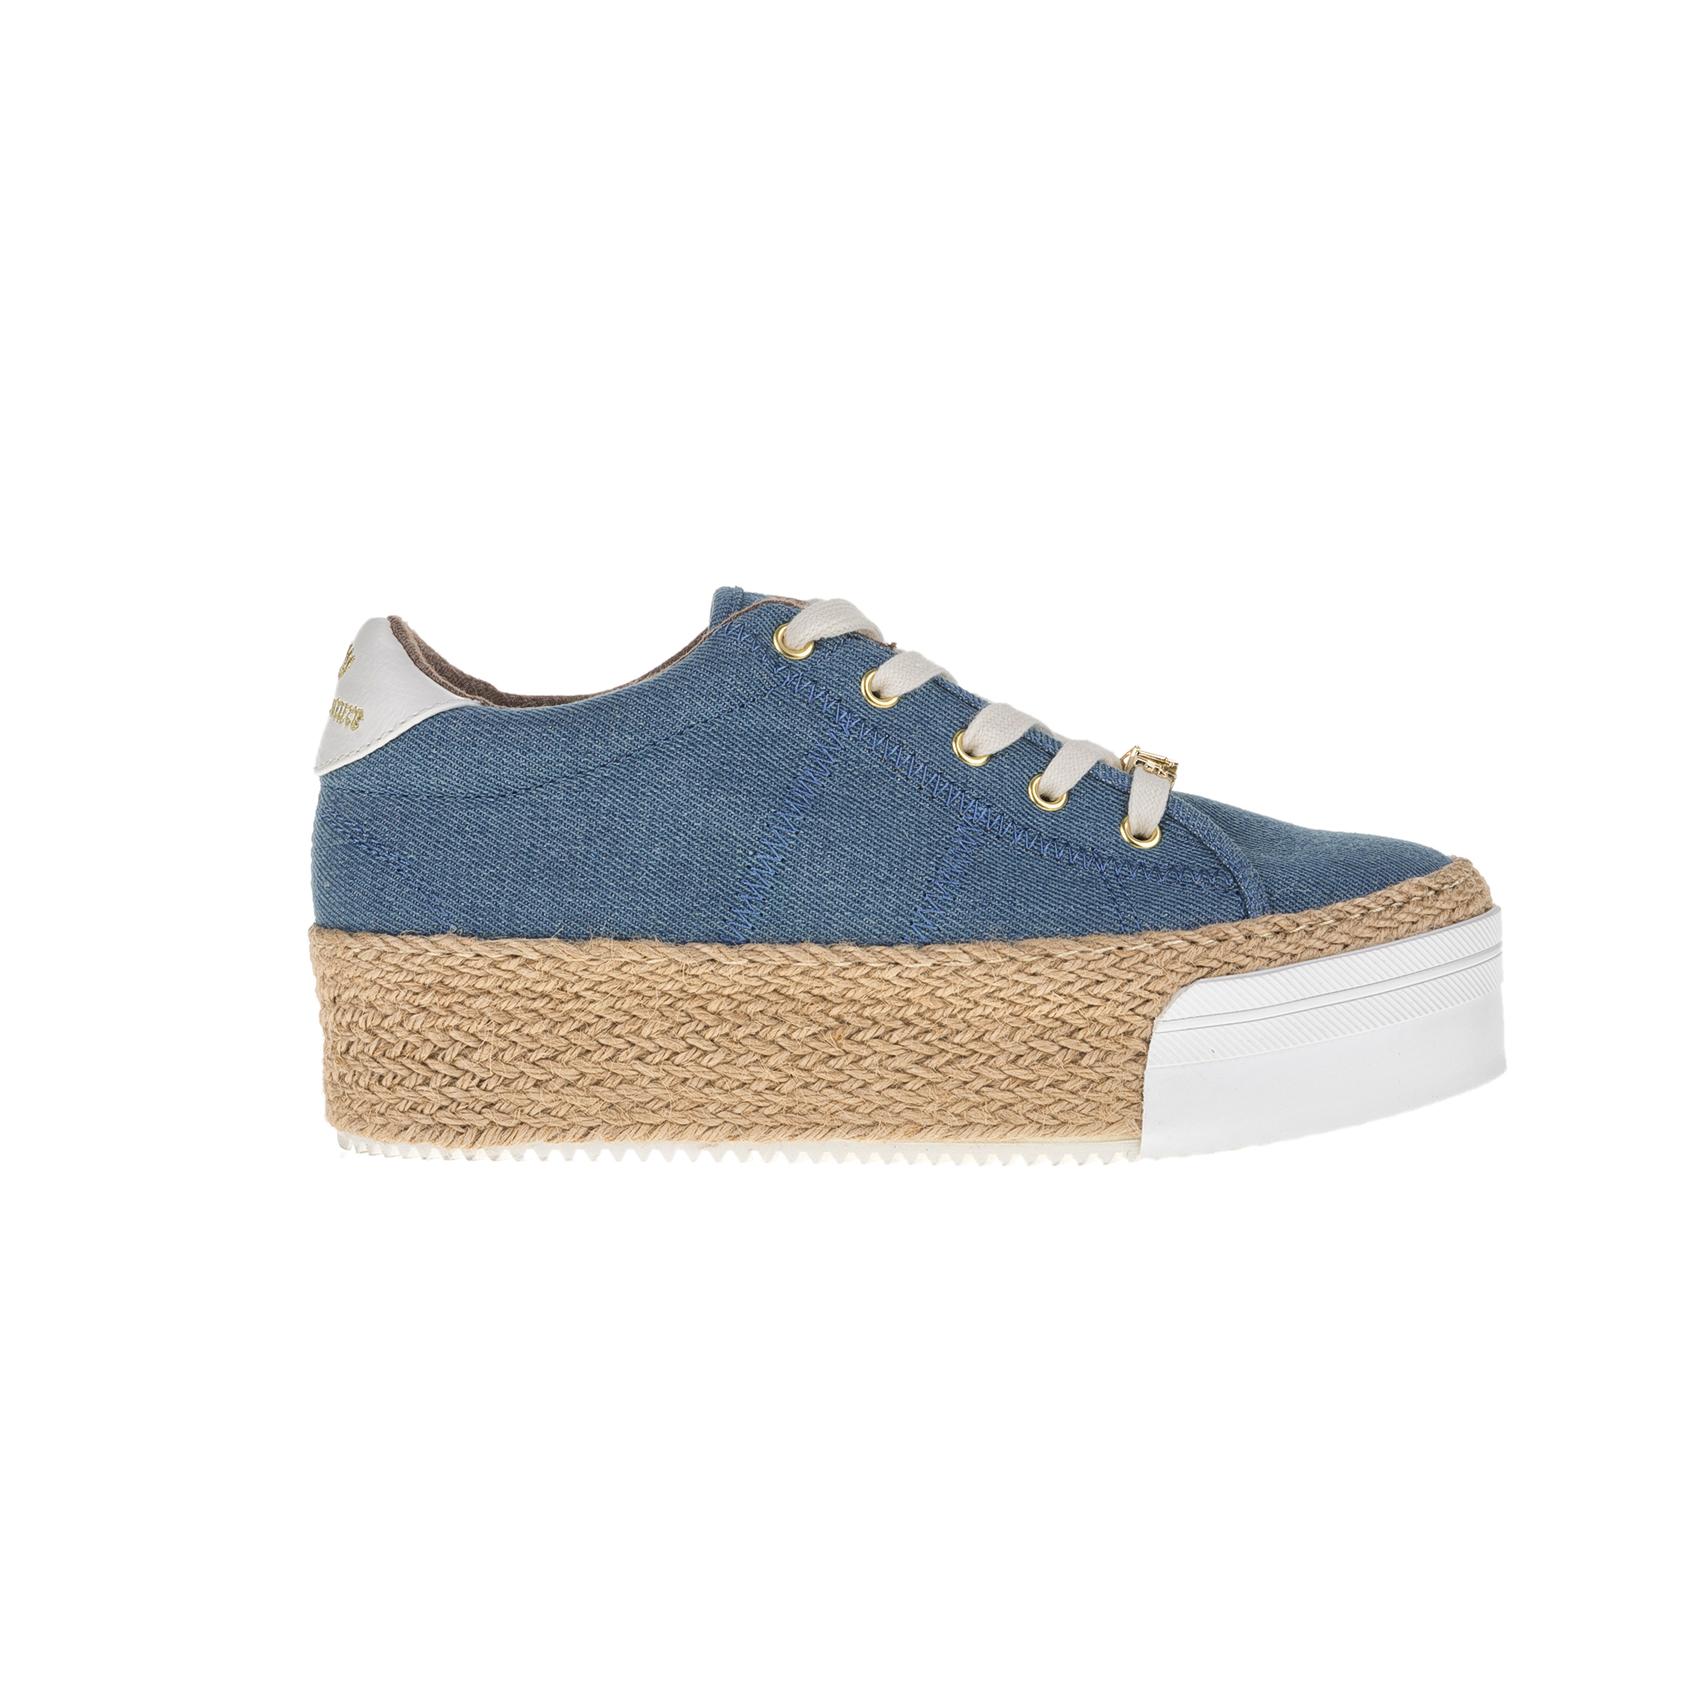 JUICY COUTURE – Γυναικεία παπούτσια JUICY COUTURE BLAINNNE μπλε